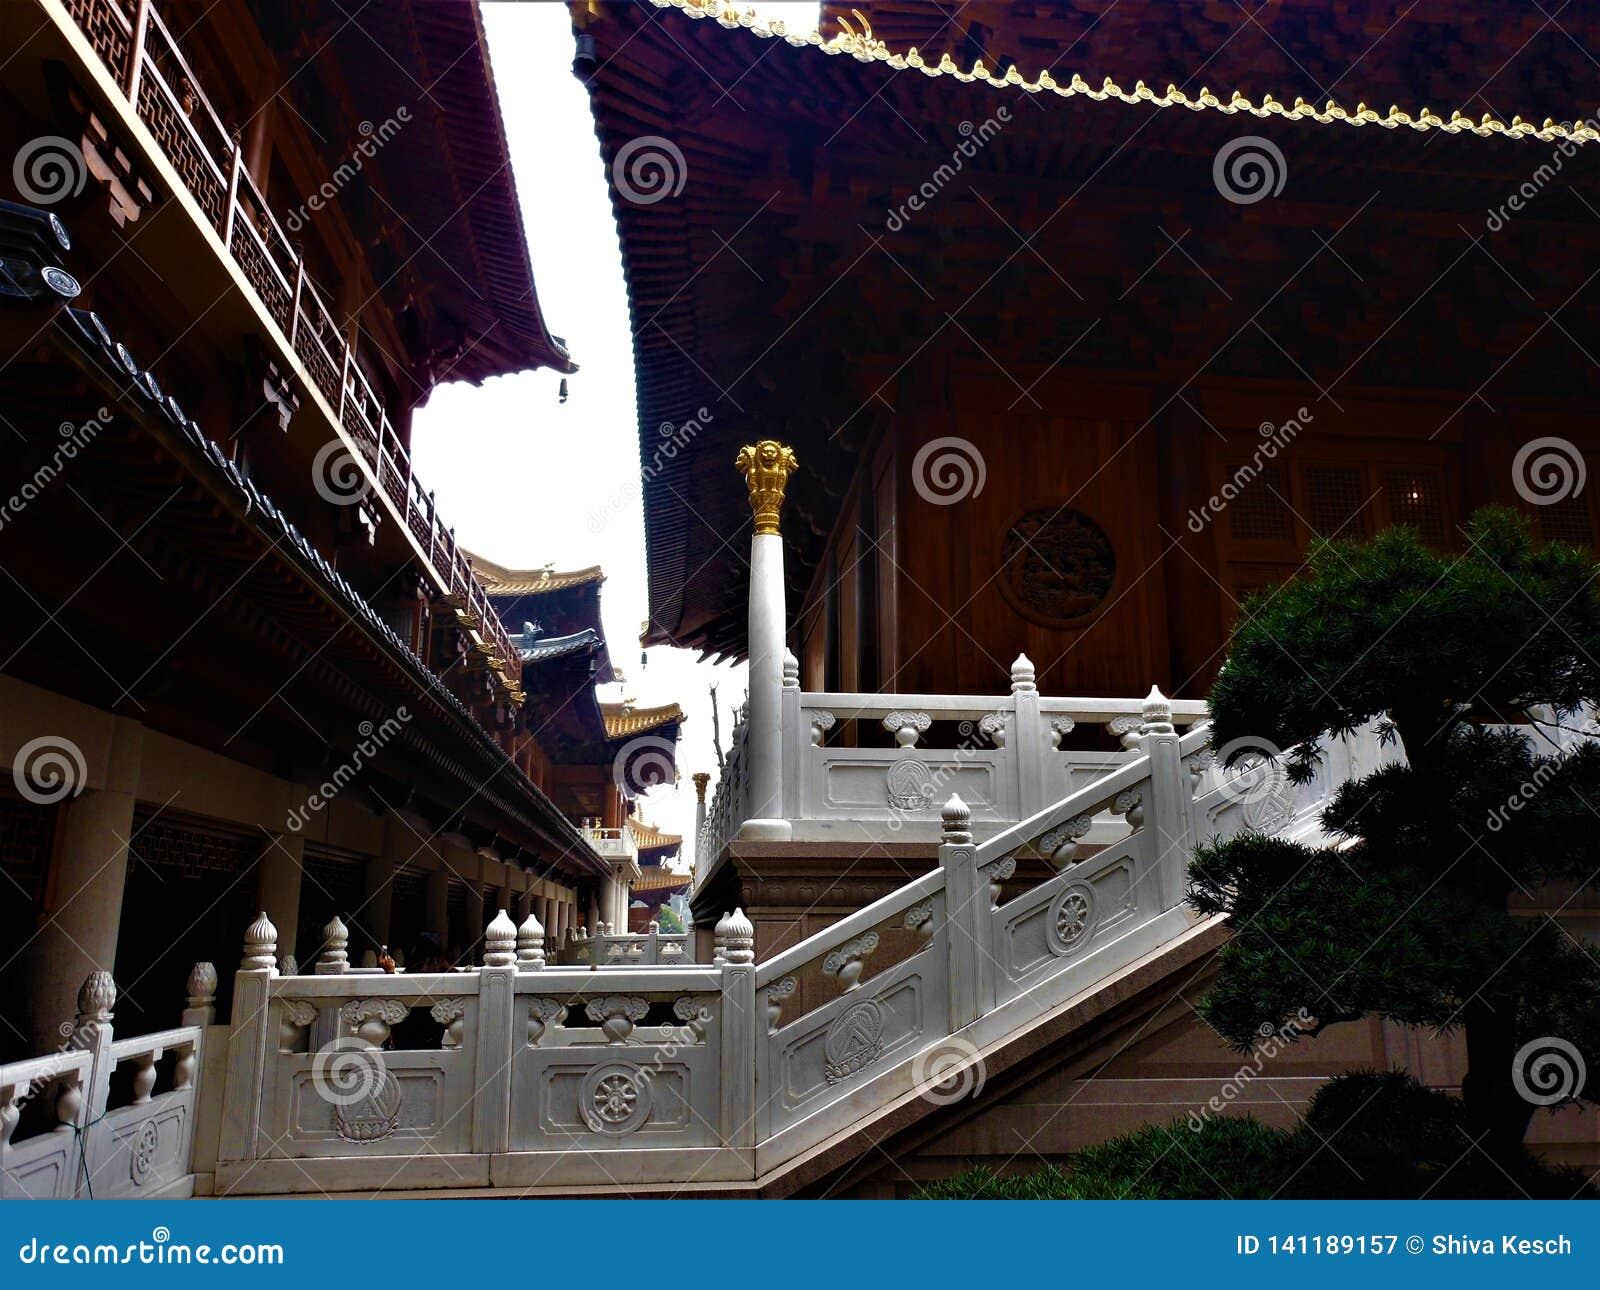 Αρχιτεκτονική, γοητεία και ομορφιά στην πόλη της Σαγκάη, Κίνα